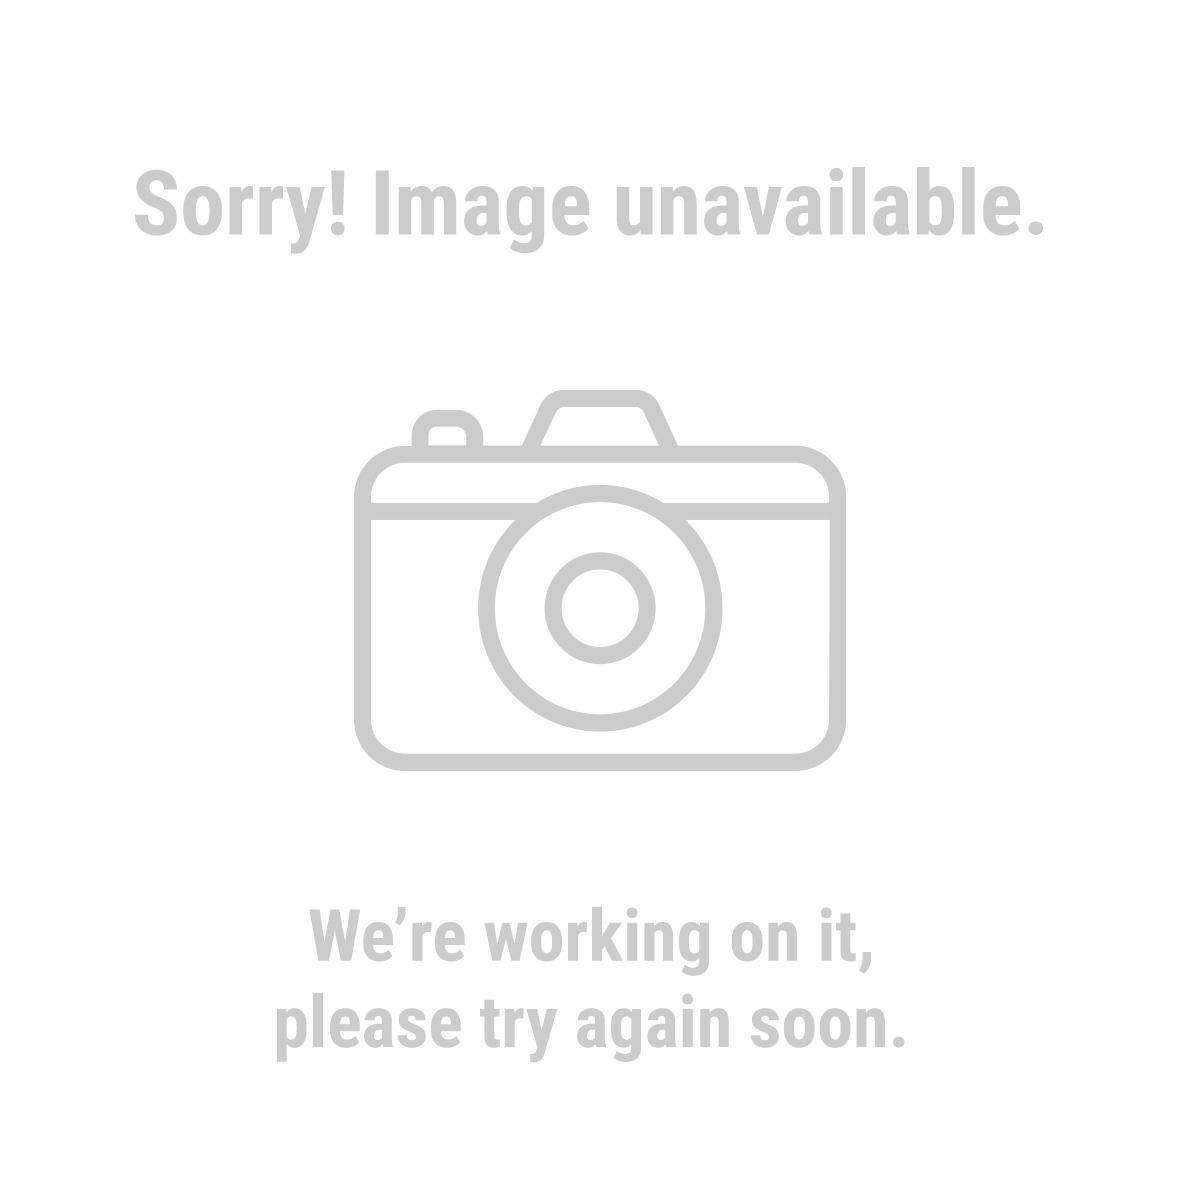 Chicago Electric Welding 95015 6 Ft x 8 Ft Fiberglass Welding Blanket